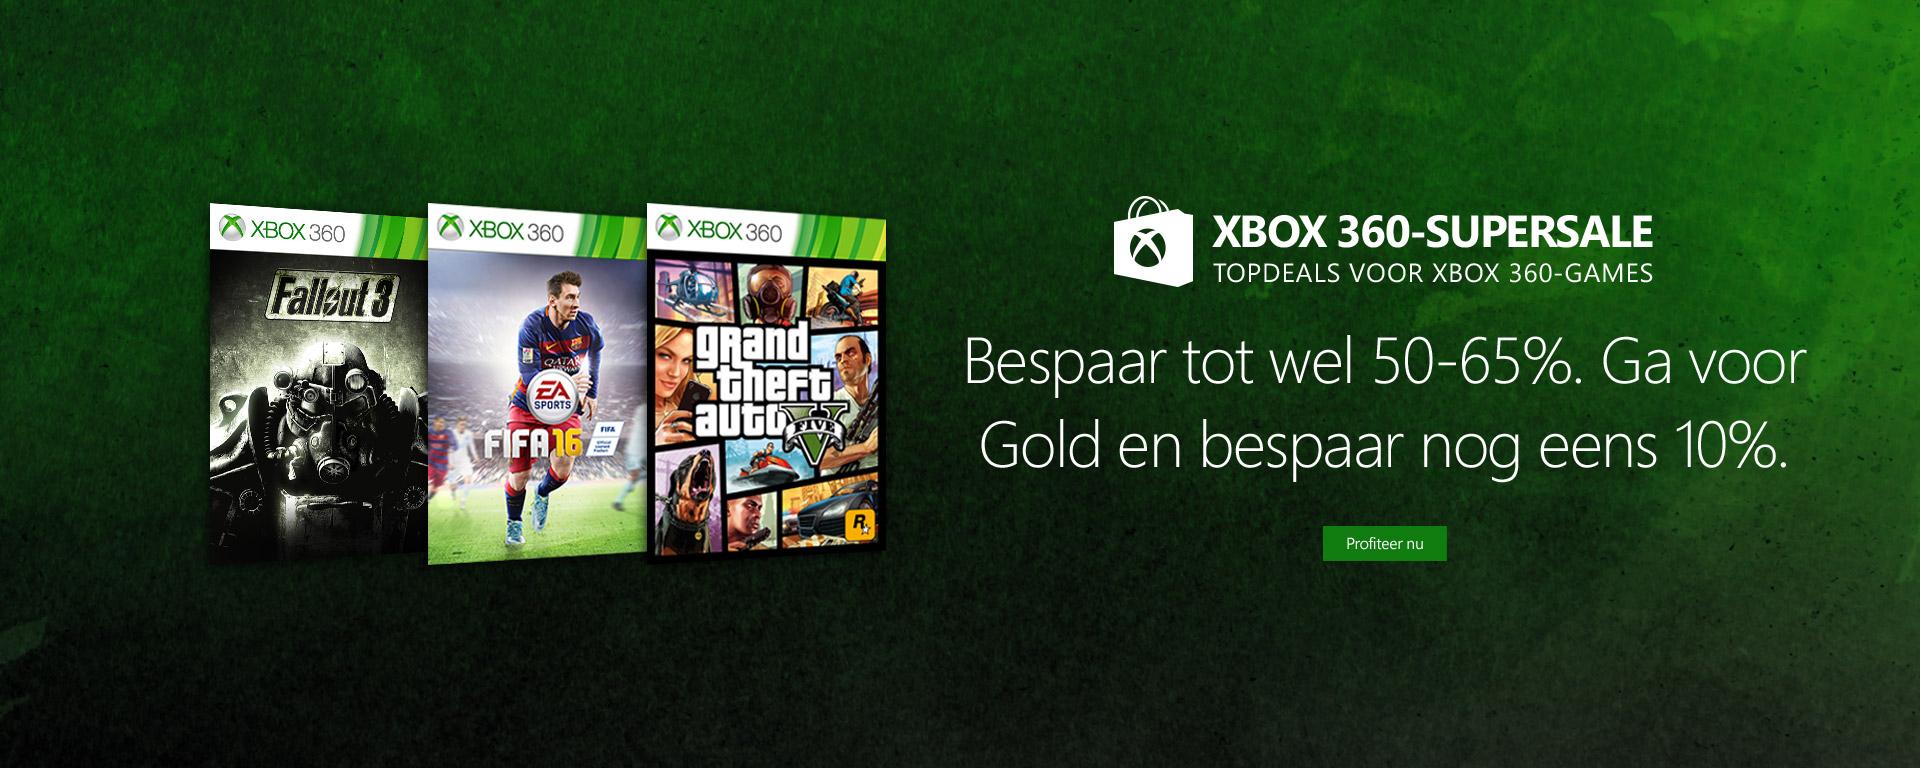 Xbox 360-supersale | Xbox